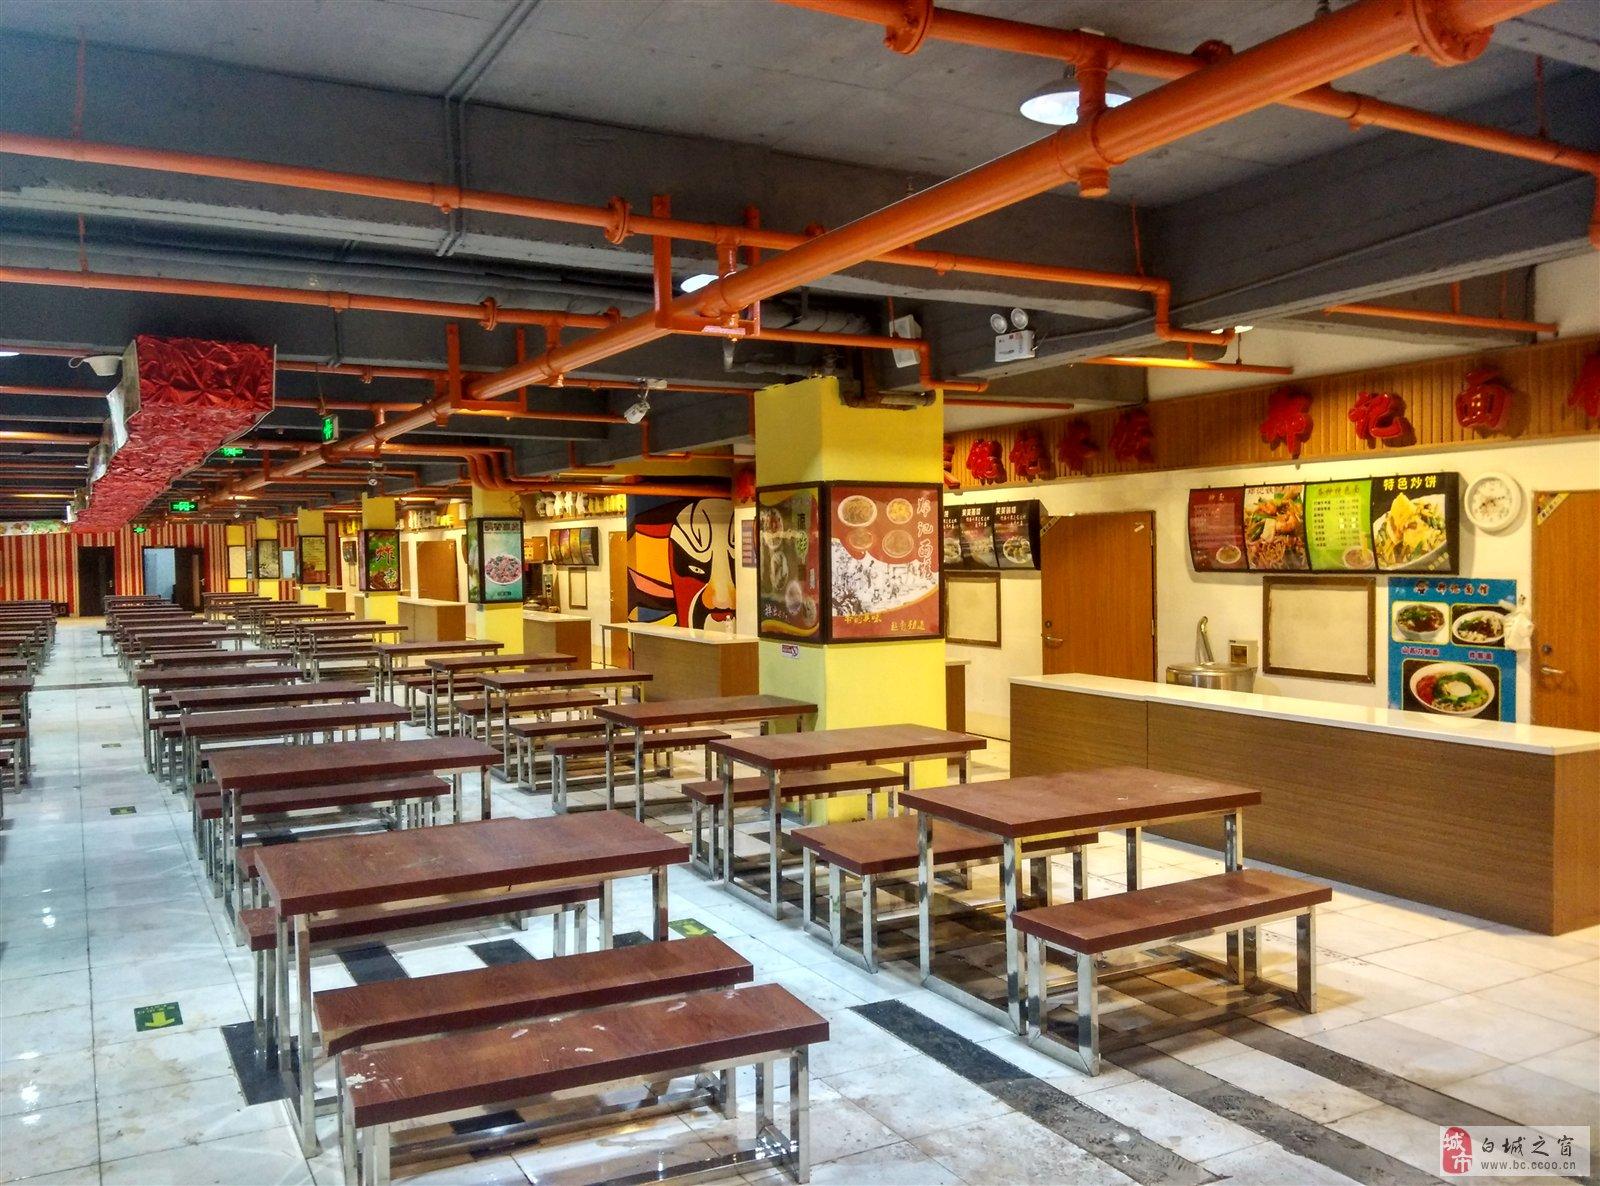 白城客运站美食城整体出兑-上海之窗的美食街白城哪几有条图片